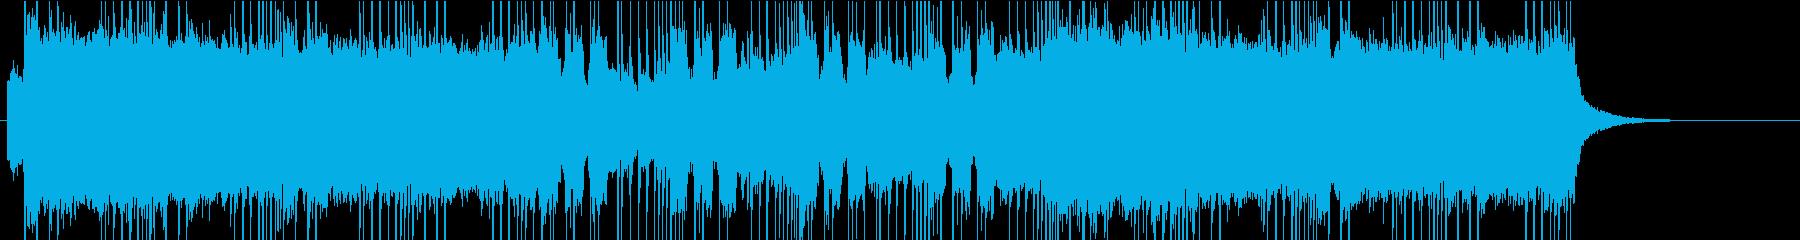 怒りのメタル風BGM1の再生済みの波形